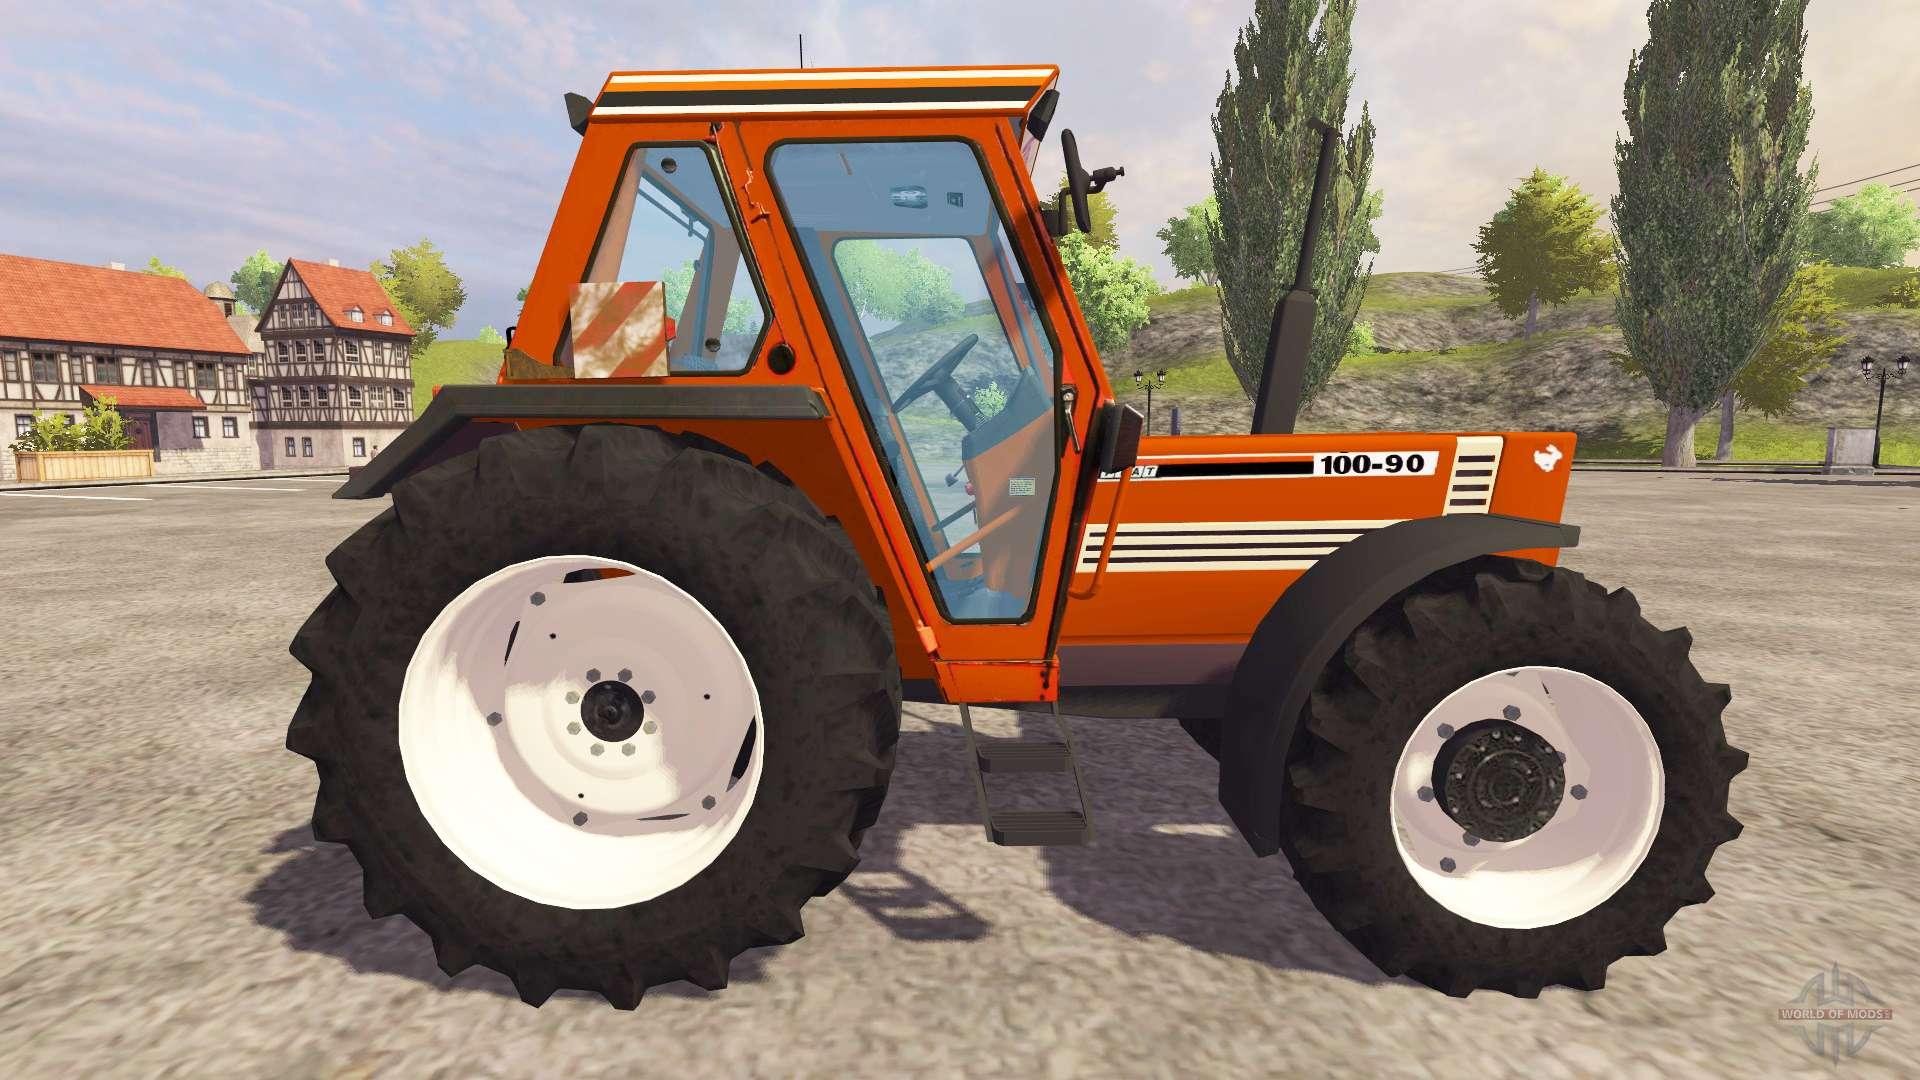 Fiat 100 90 Tractor : Fiat for farming simulator